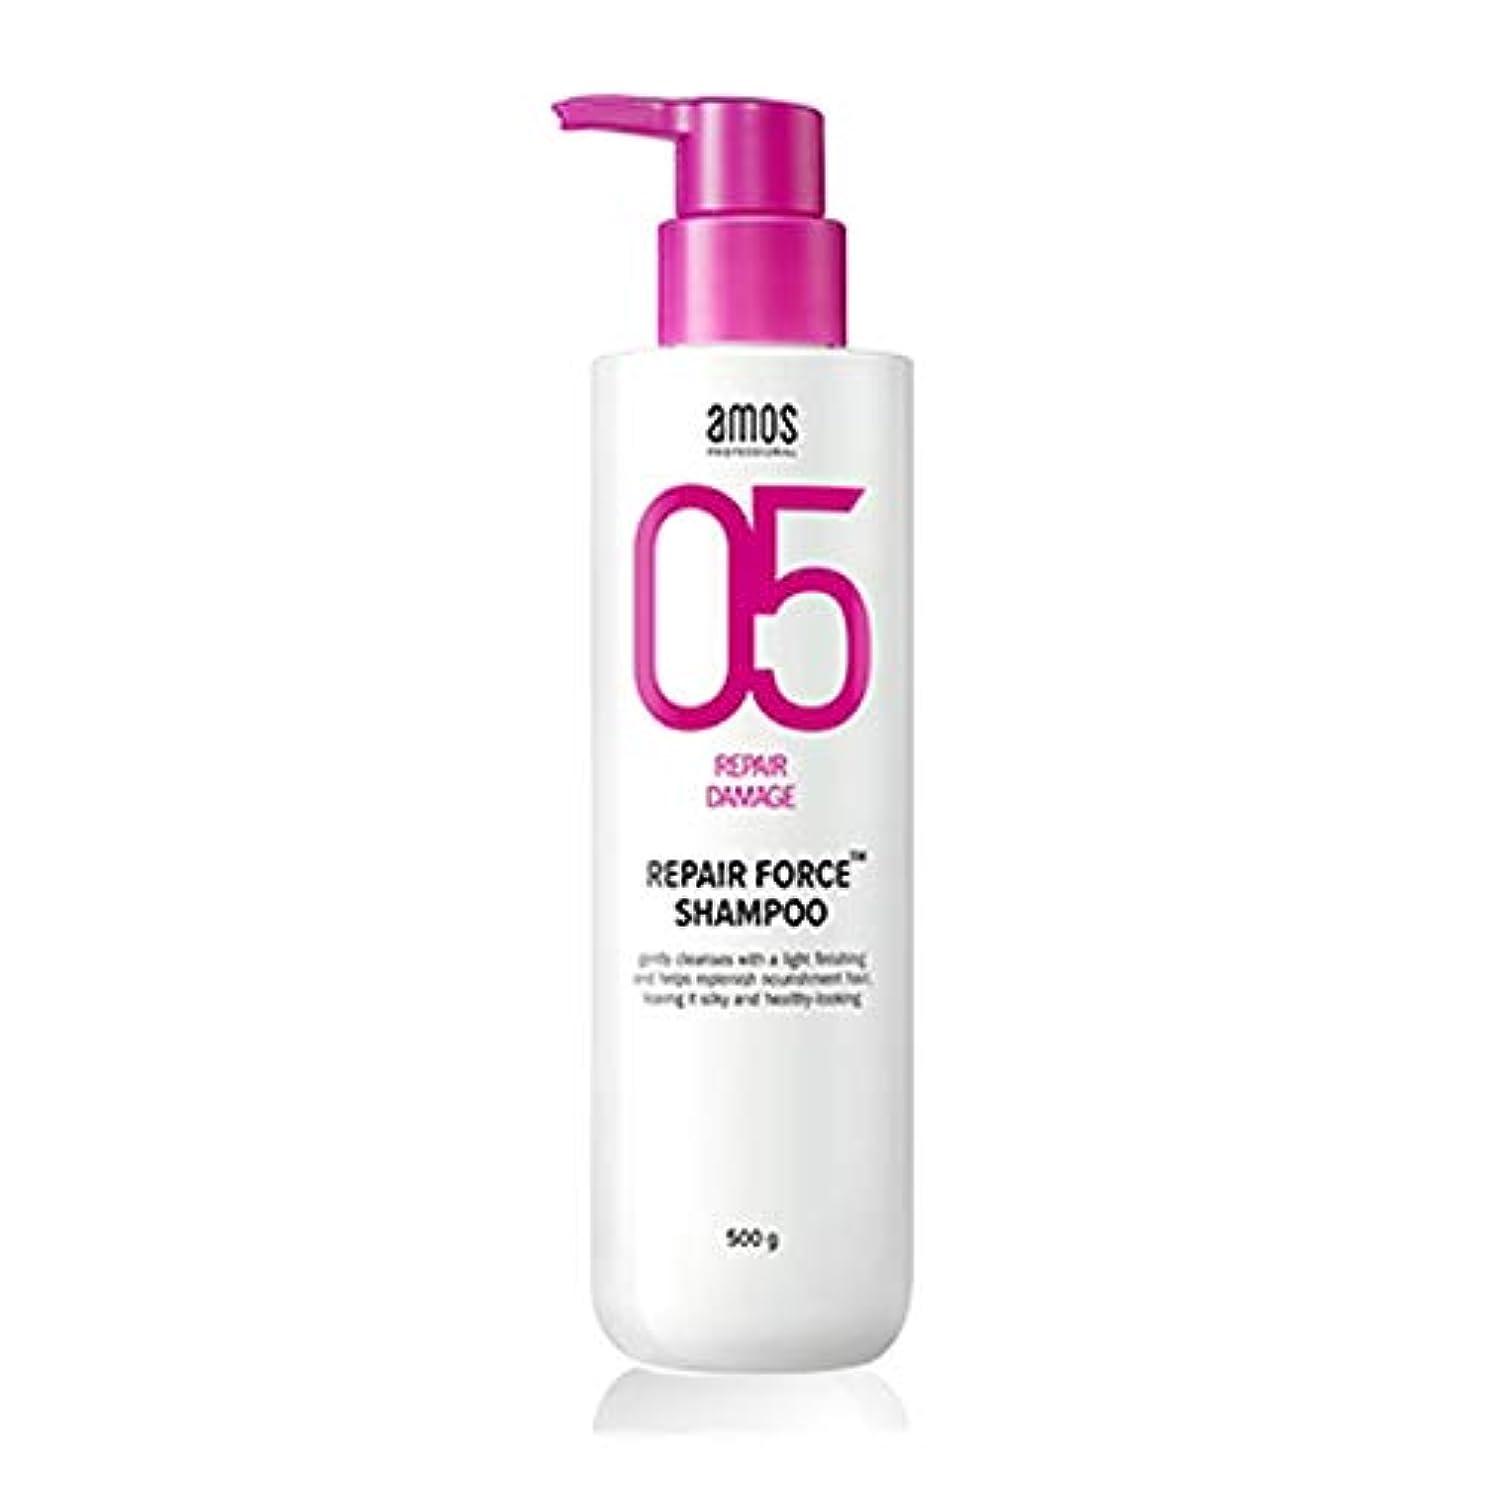 マッサージ失効協会韓国 AMOS リペアフォースシャンプー 500g オルガンオイル, 破損毛髪強化/Repair Force Shampoo